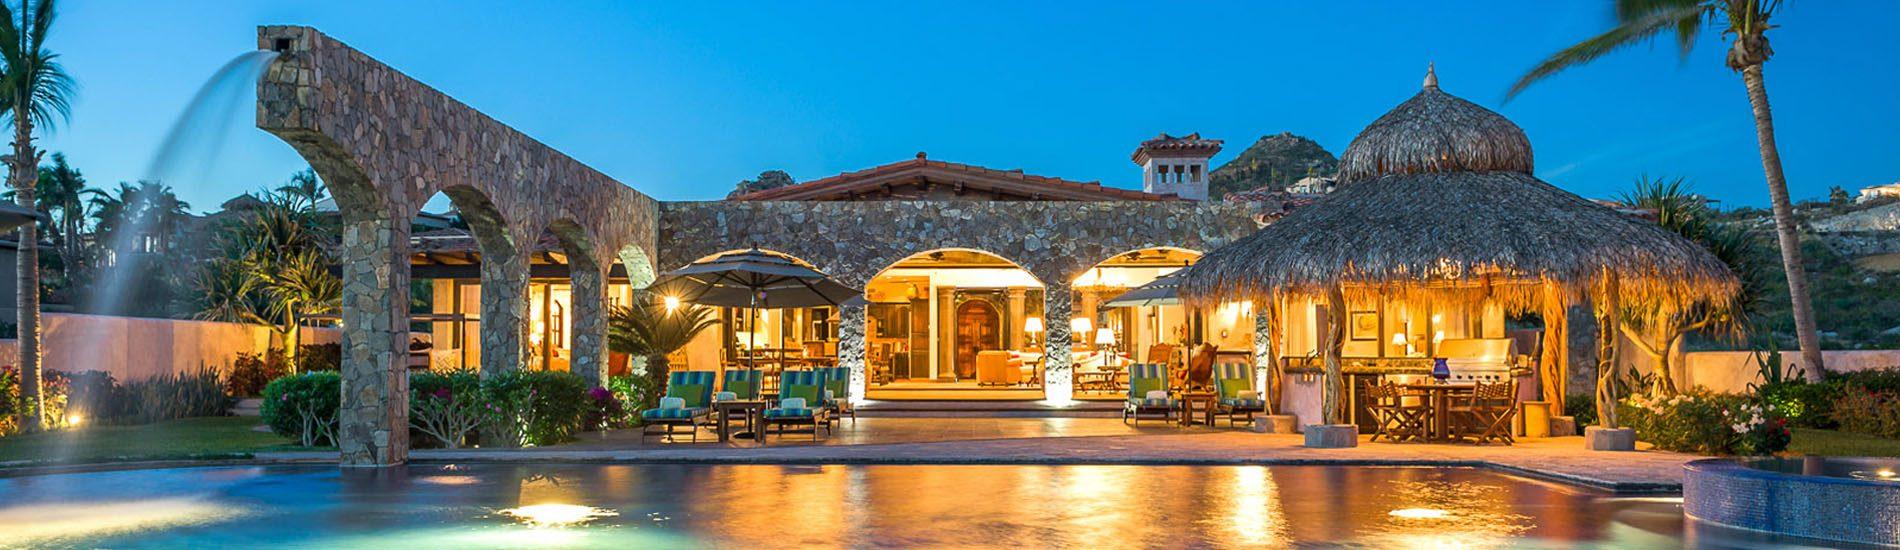 mexico luxury villa rentals | journey mexico